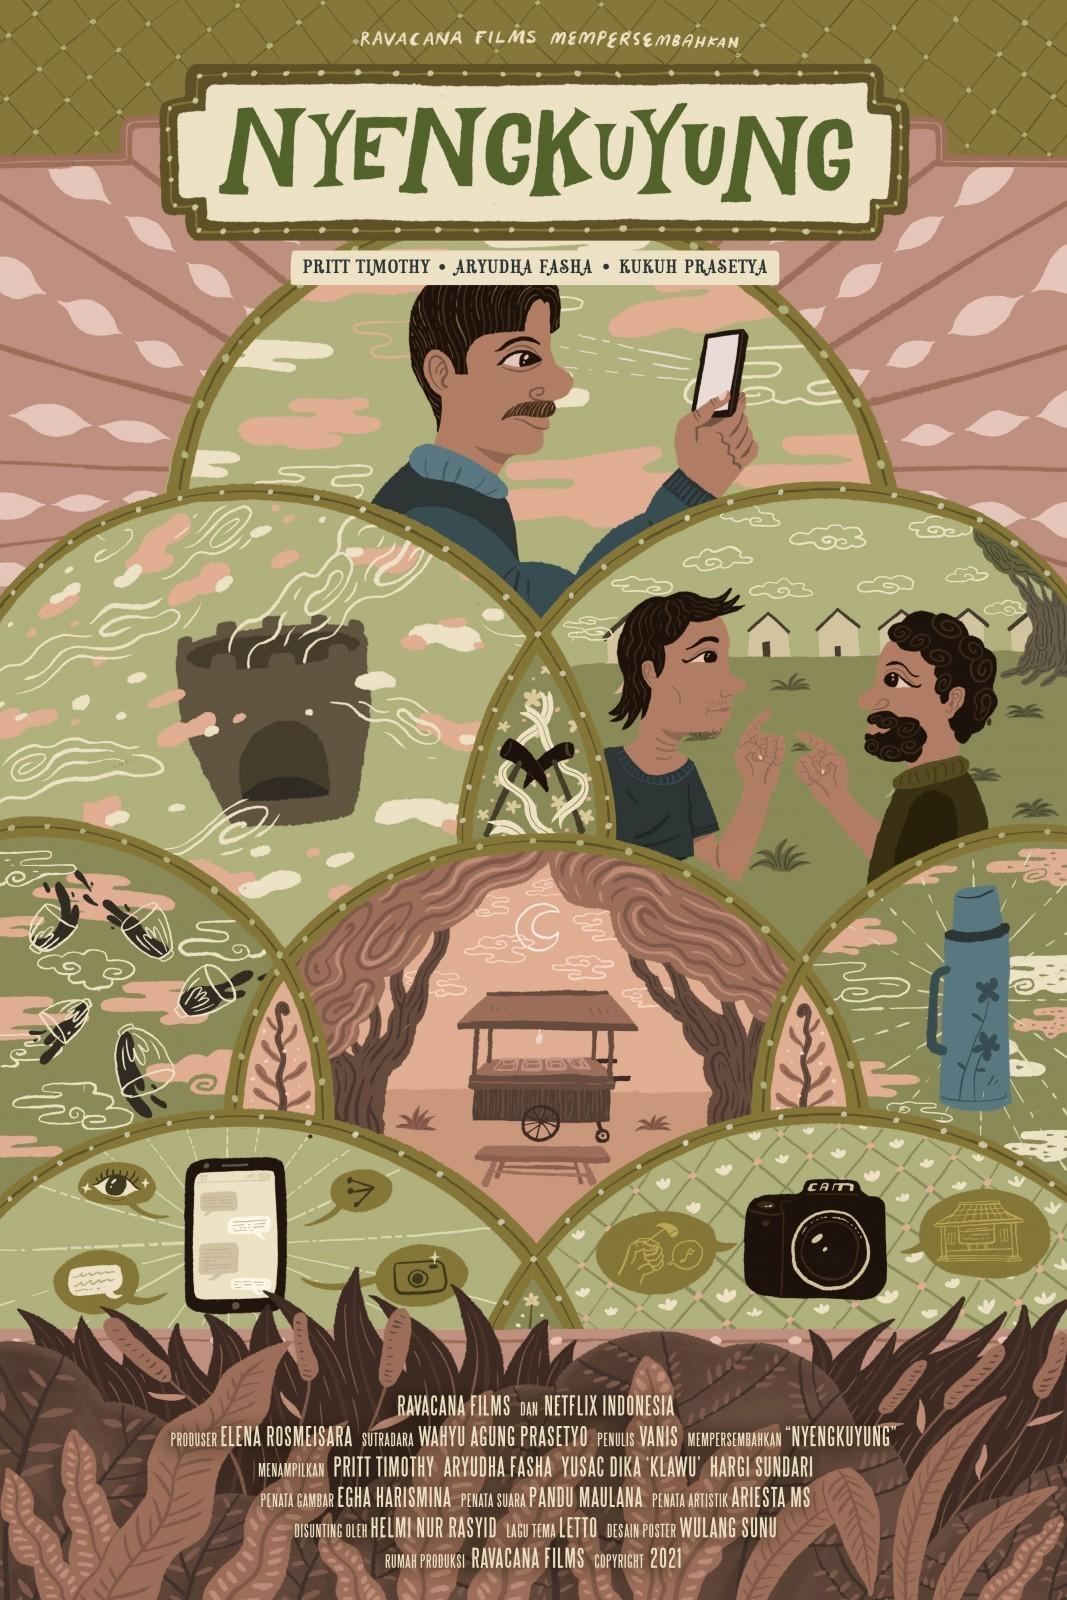 Nyengkuyung_Poster_2021_Website